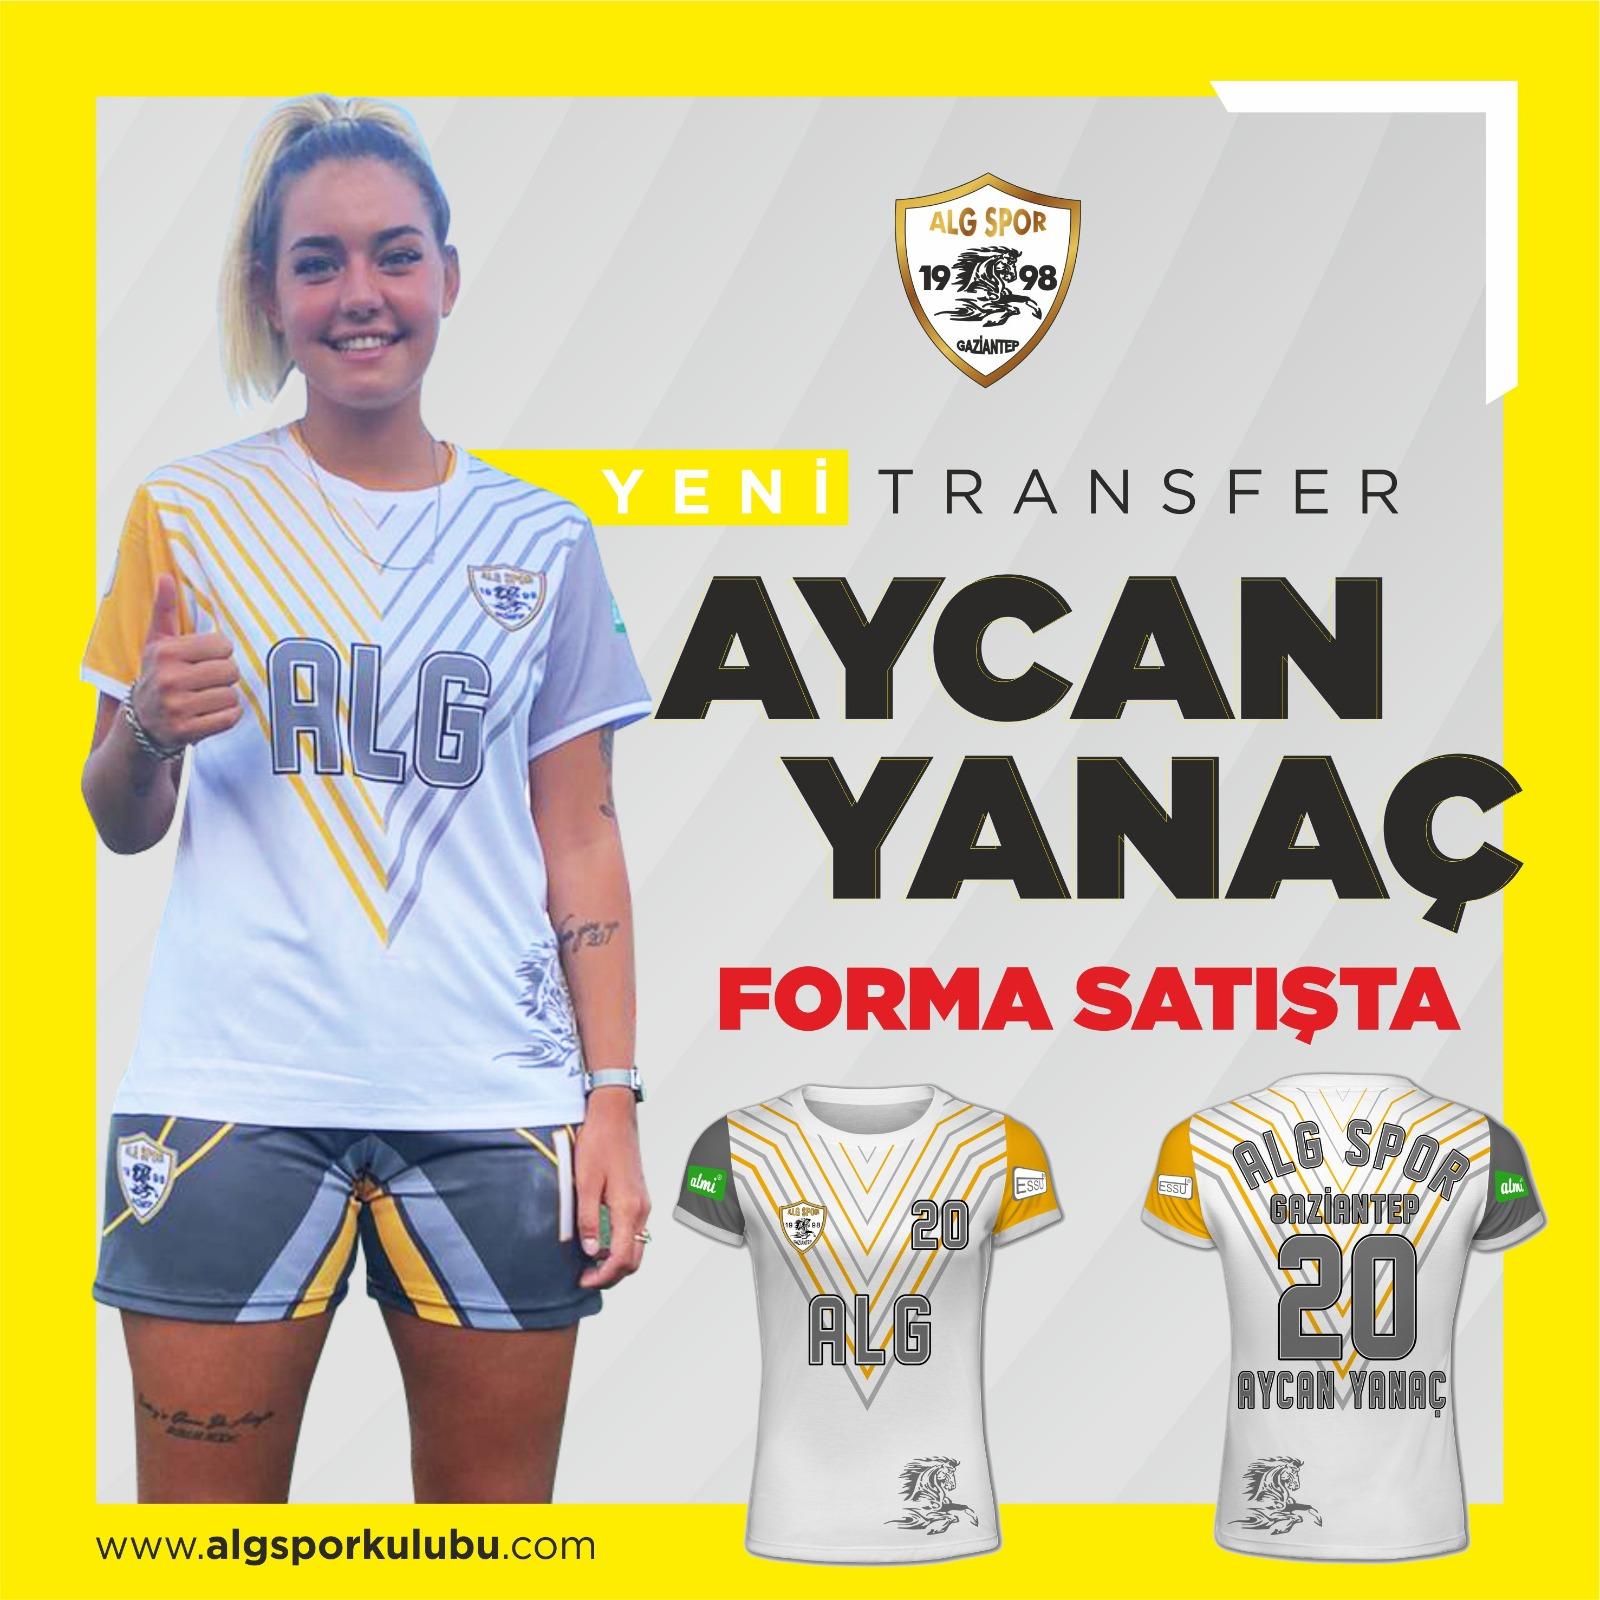 Aycan Yanaç Forma Satın Al | Alg Spor Kulubu